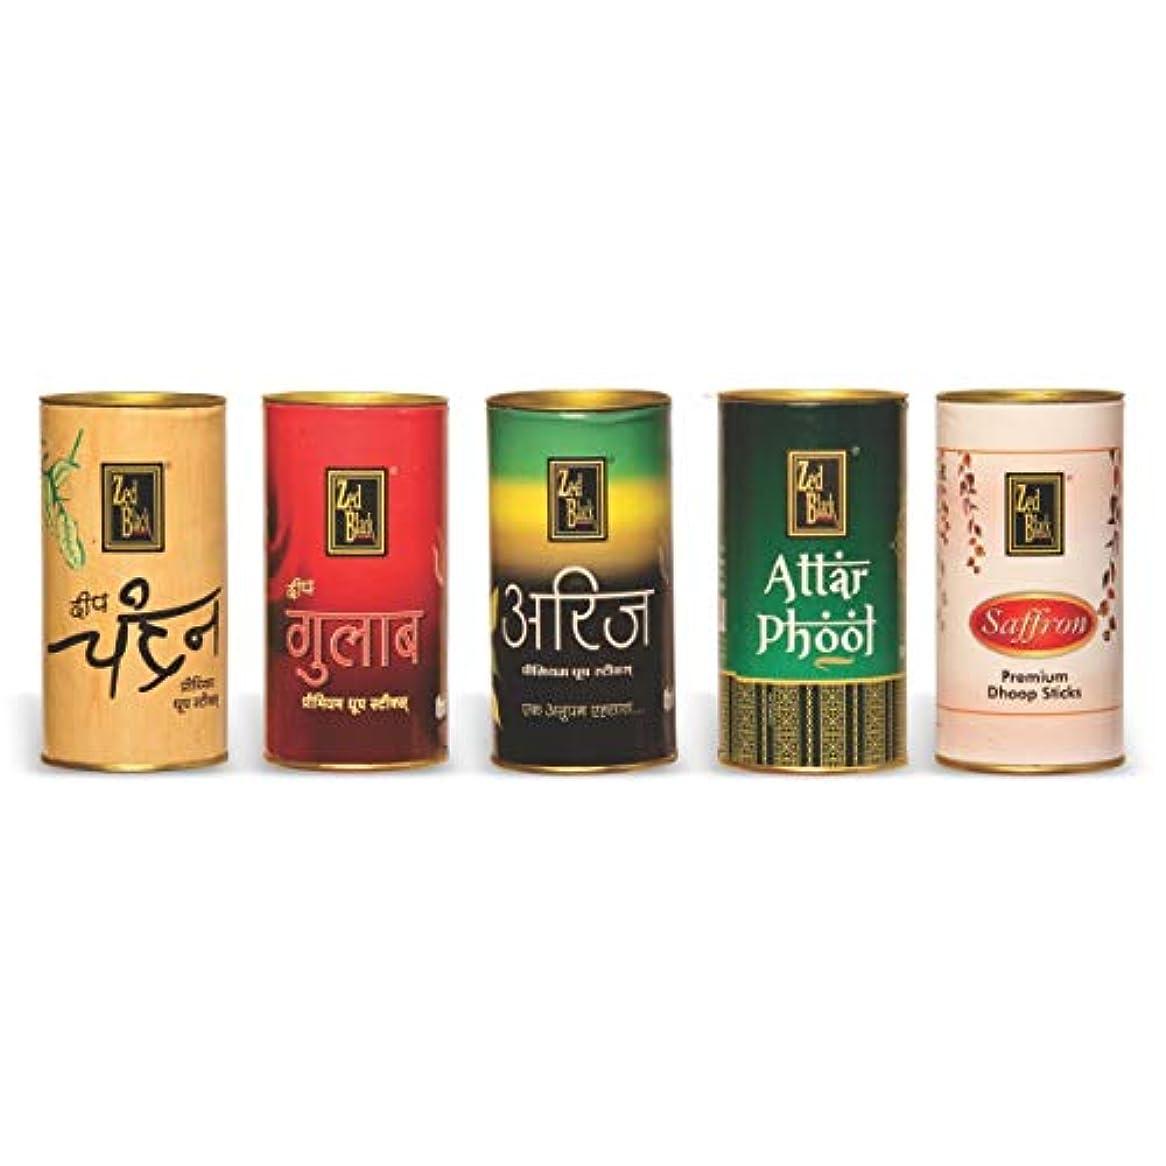 手紙を書くコンパイル胚芽Zed Black Natural Deep-Chandan, Deep-Gulab, Arij, Attar Phool and Saffron Incense Dhoop Sticks Tin - Combo of...